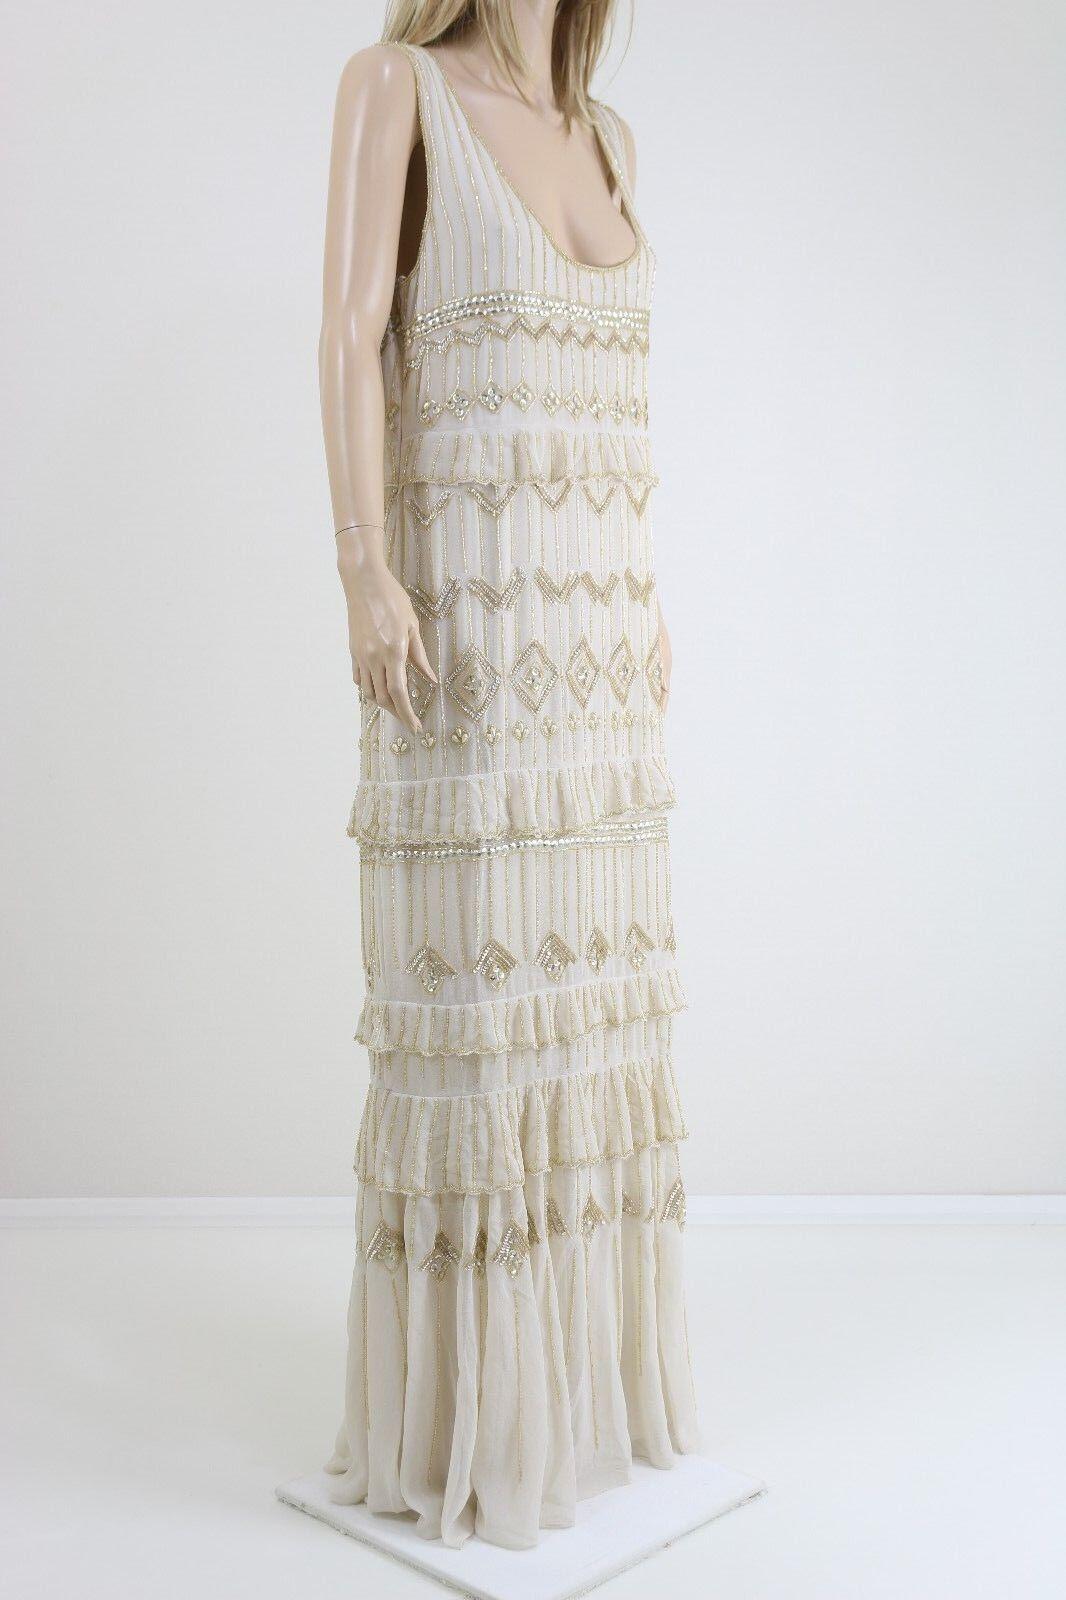 Oleg Cassini Women's Embellished Ivory/Gold Wedding Party Maxi Dress UK 10,18